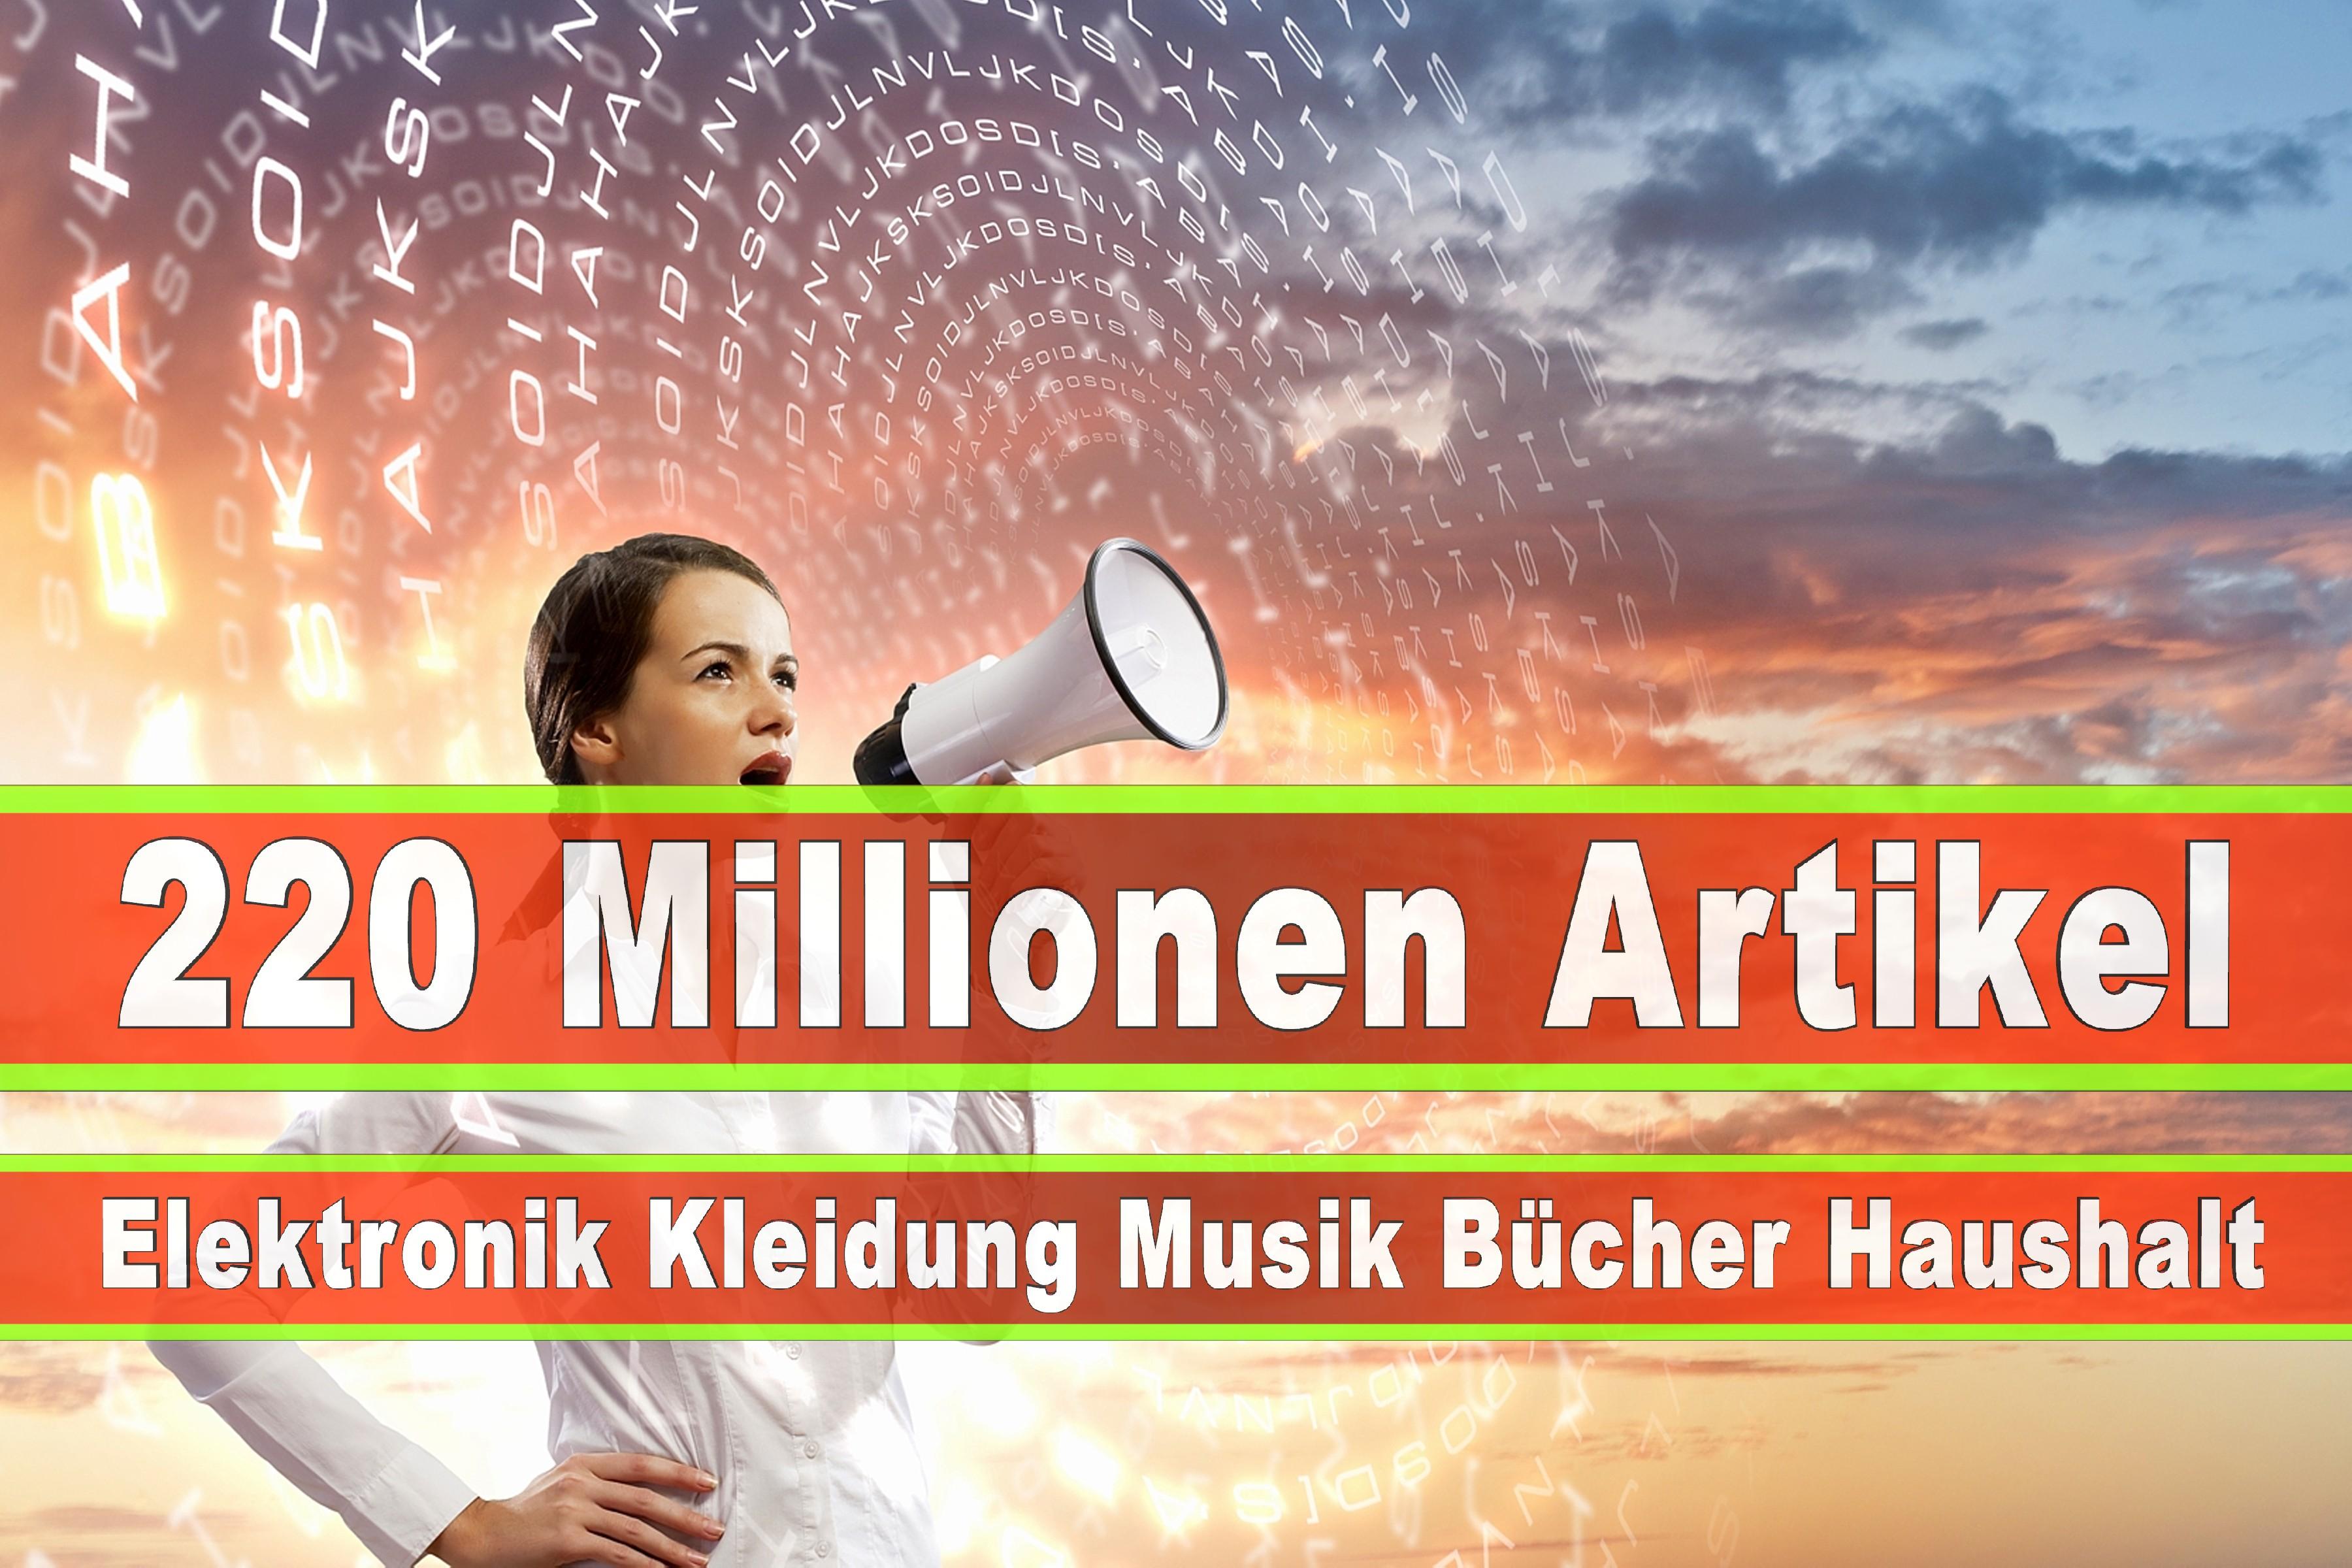 Amazon Elektronik Musik Haushalt Bücher CD DVD Handys Smartphones TV Television Fernseher Kleidung Mode Ebay Versandhaus (229)